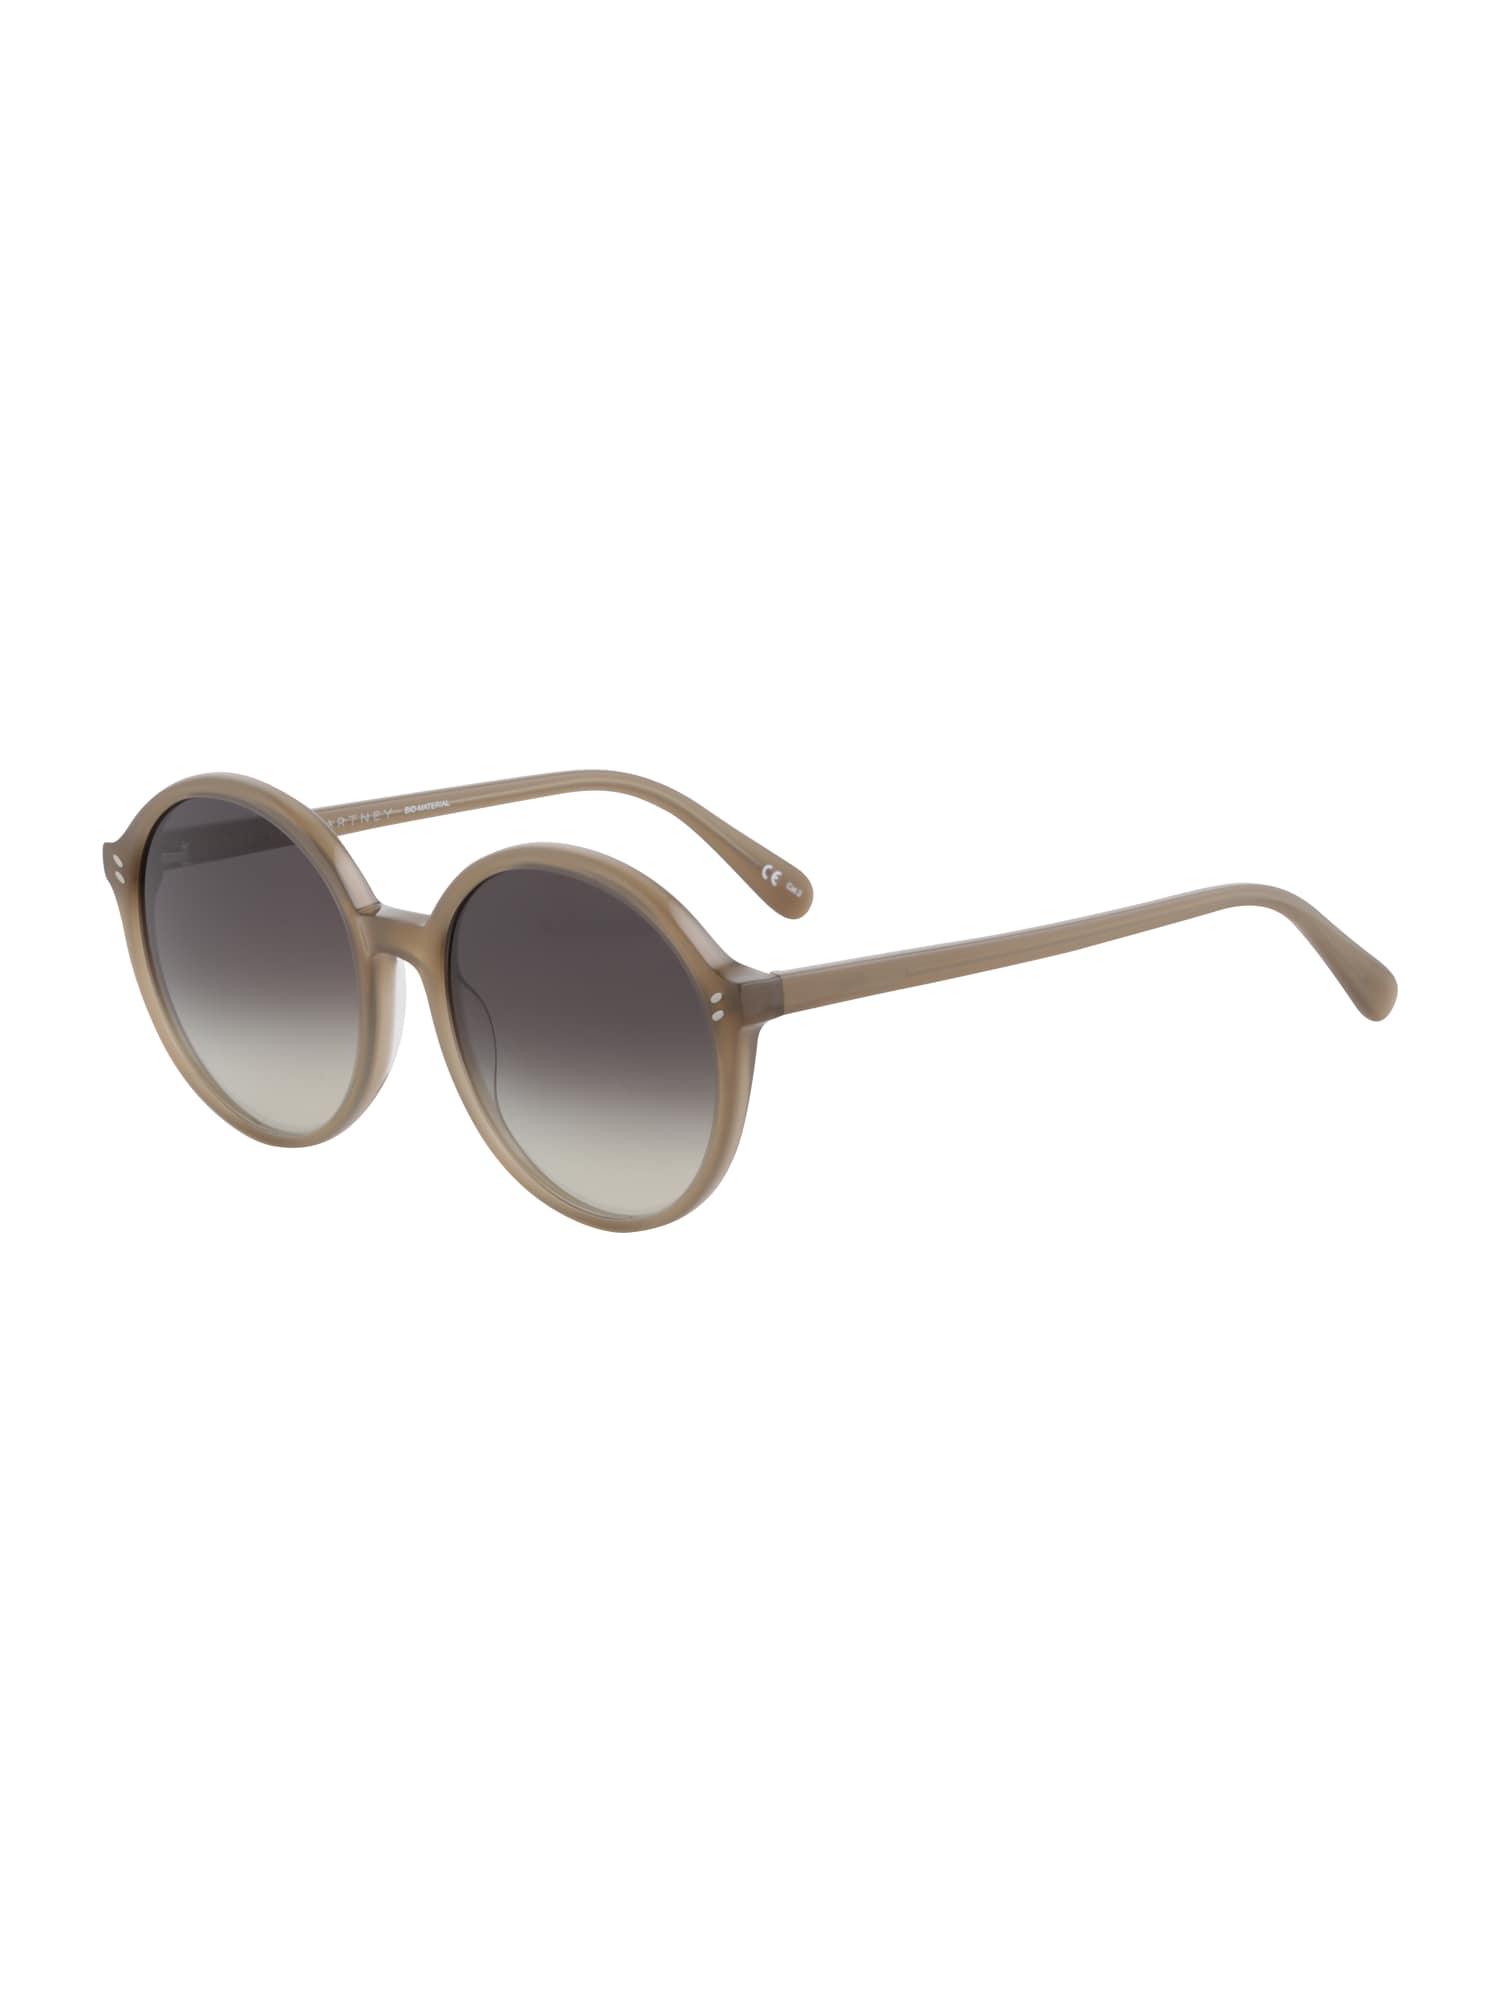 Stella McCartney Lunettes de soleil 'SC0084S-002 56 Sunglass WOMAN BIO ACETAT'  - MéLange De Couleurs - Taille: 56 - female